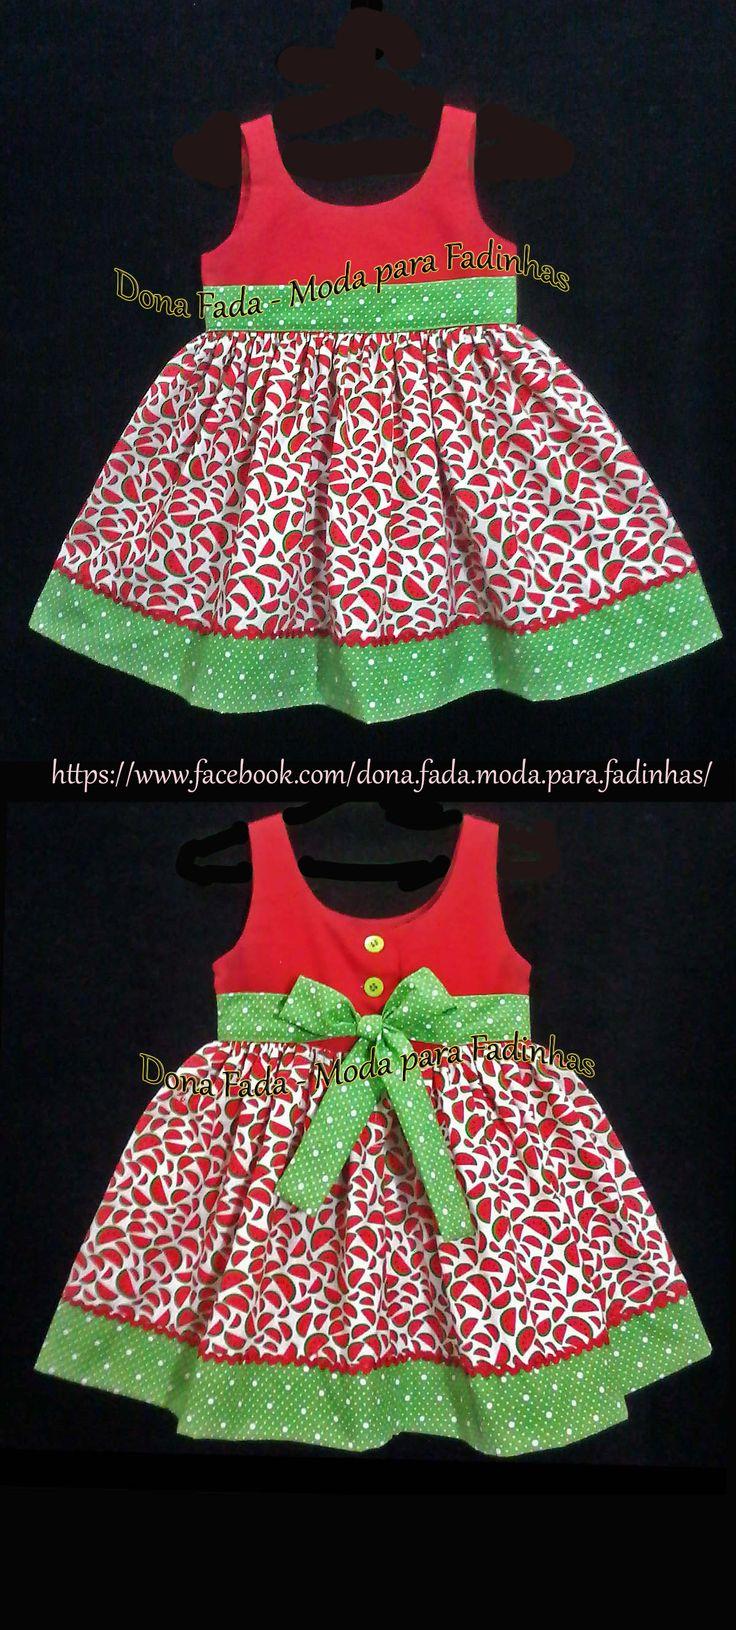 Vestido Melancias - 1 ano_______________baby - infant - toddler - kids - clothes for girls - - - https://www.facebook.com/dona.fada.moda.para.fadinhas/